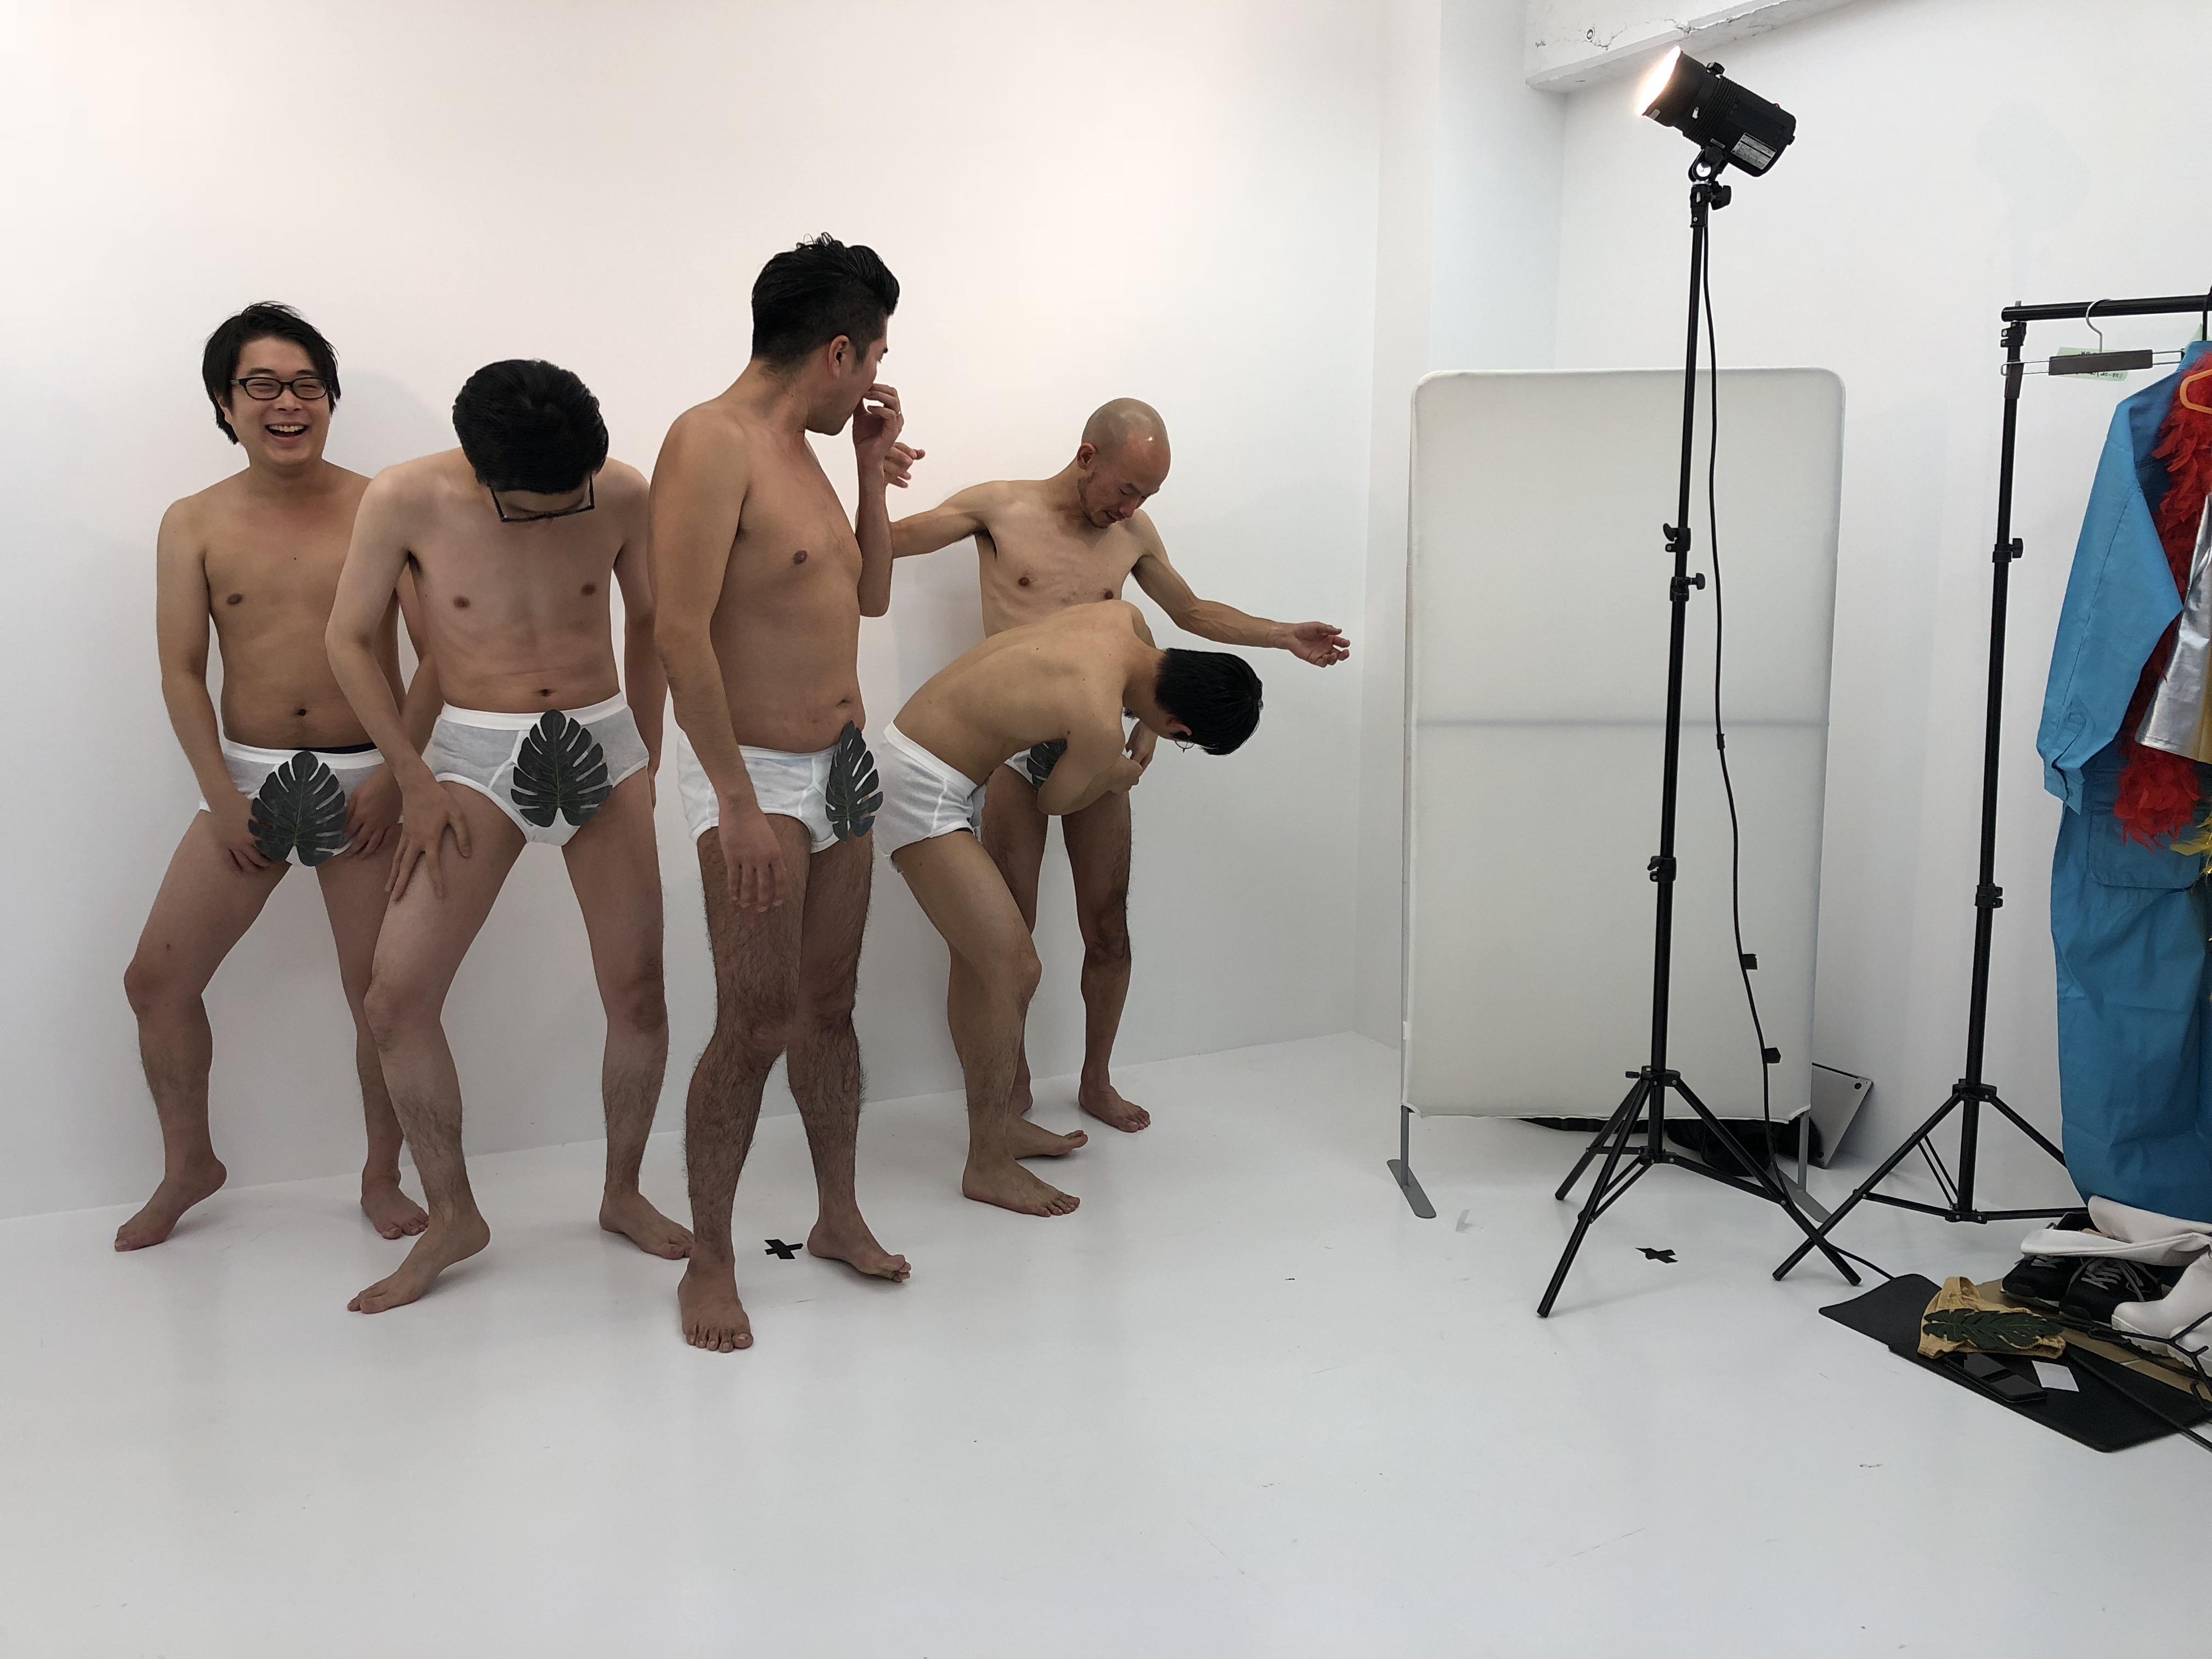 はっぱ隊の格好をしているしゅん・新藤ドリル・ミスター・あきと・もーりーの撮影現場の写真